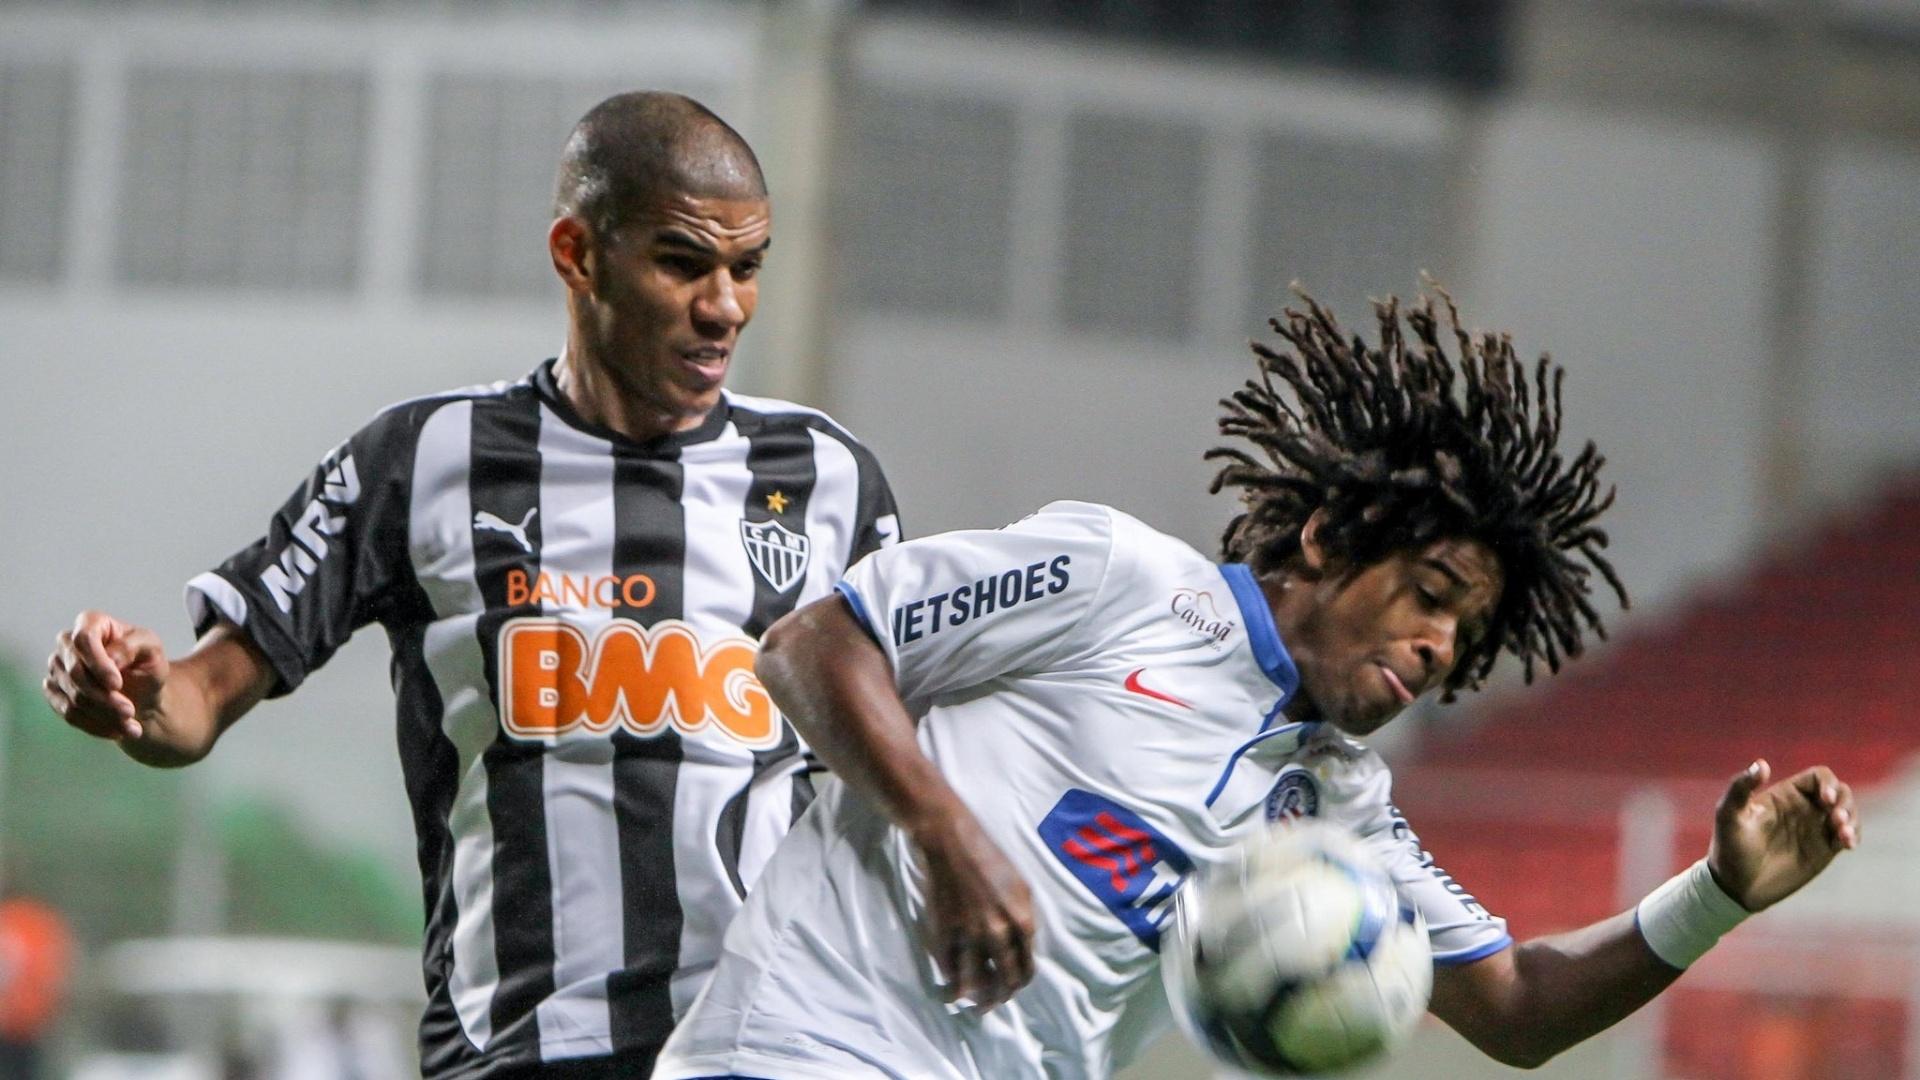 Zagueiro Leonardo Silva, do Atlético-MG, tenta roubar a bola de Barbio durante jogo contra o Bahia